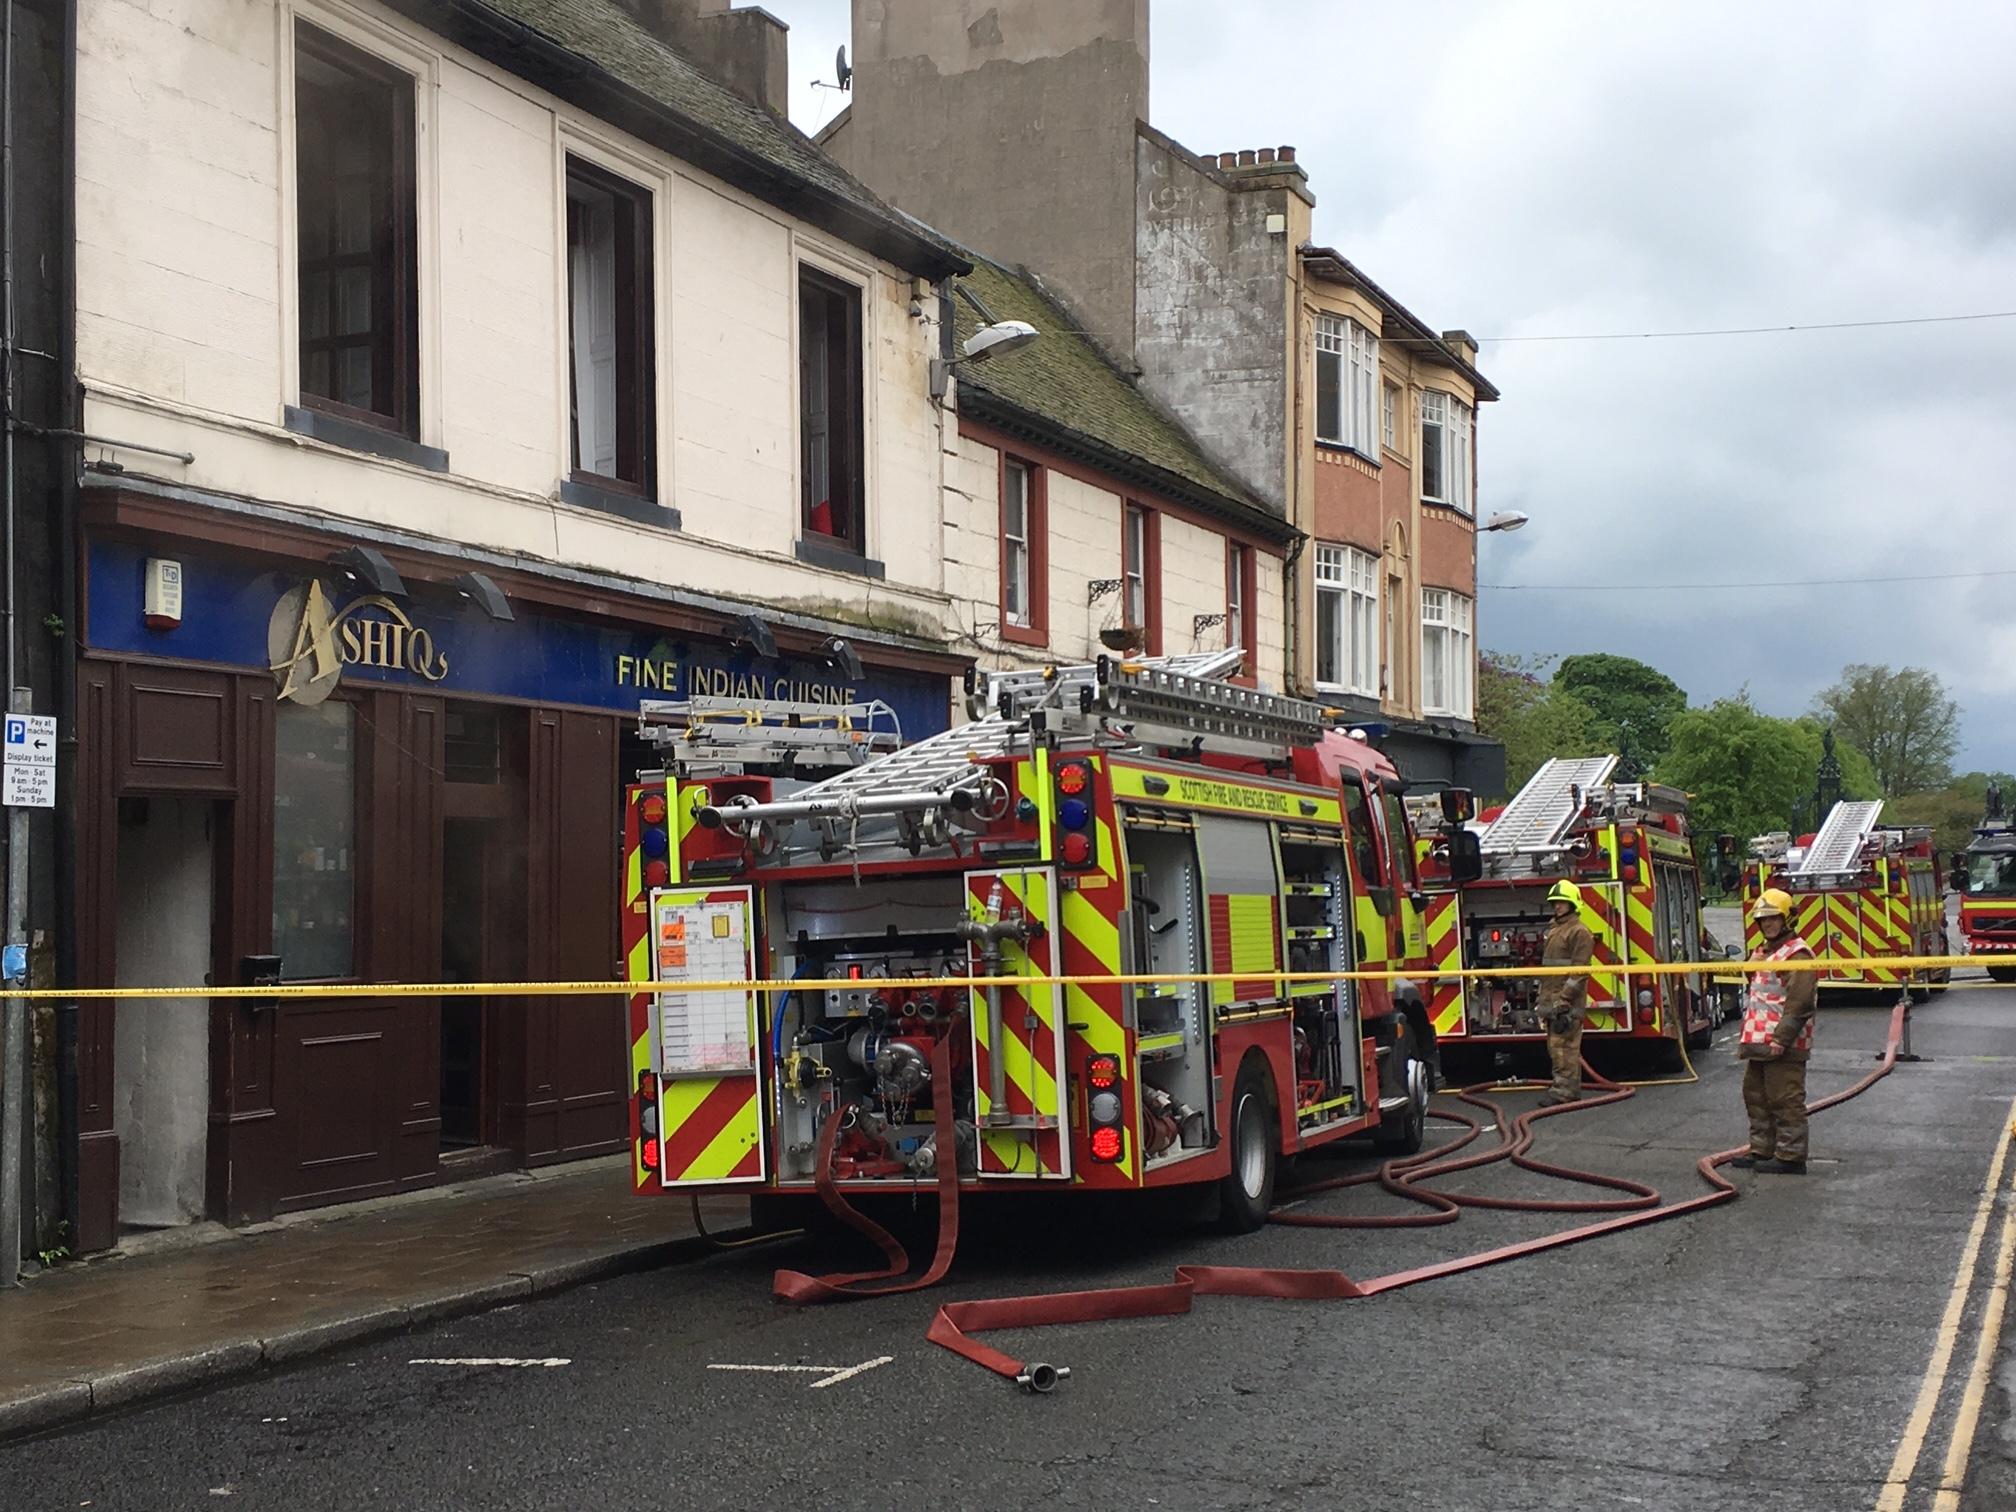 The scene at Ashiq's, Bridge Street, Dunfermline.